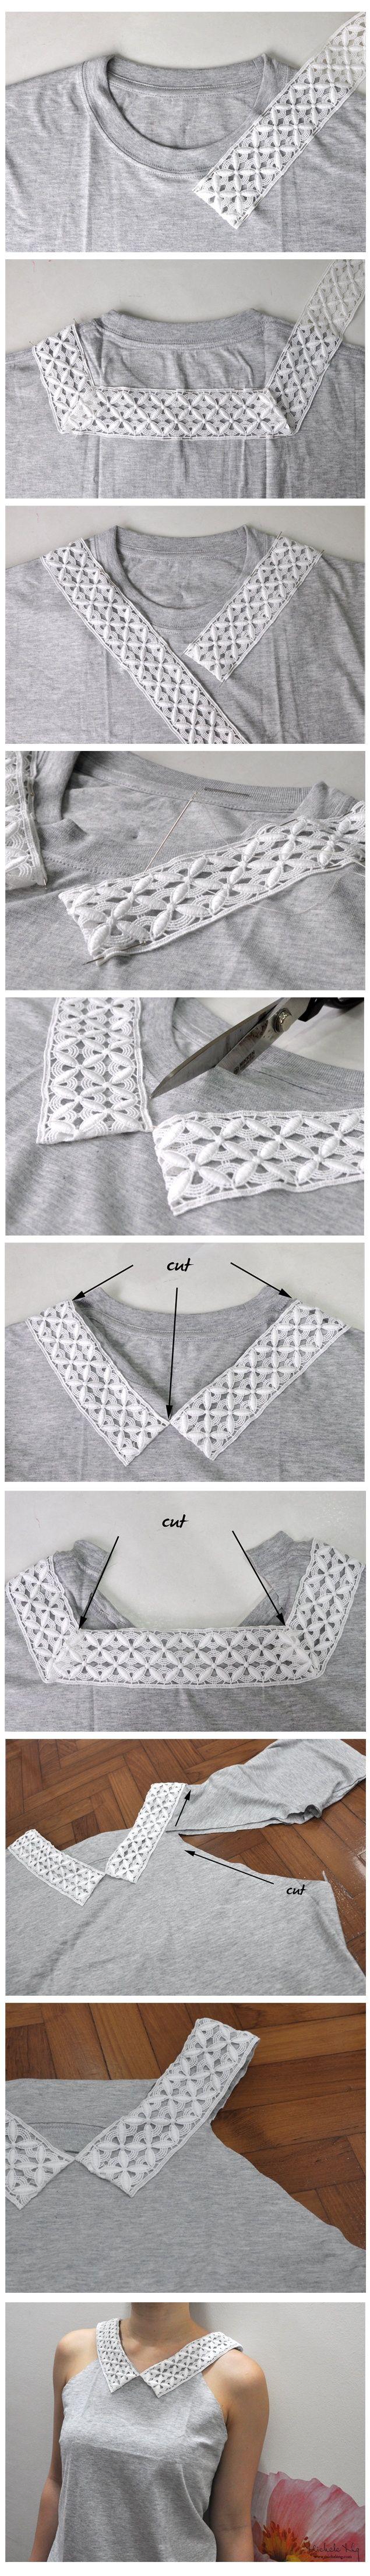 Cambio en cuello de blusa